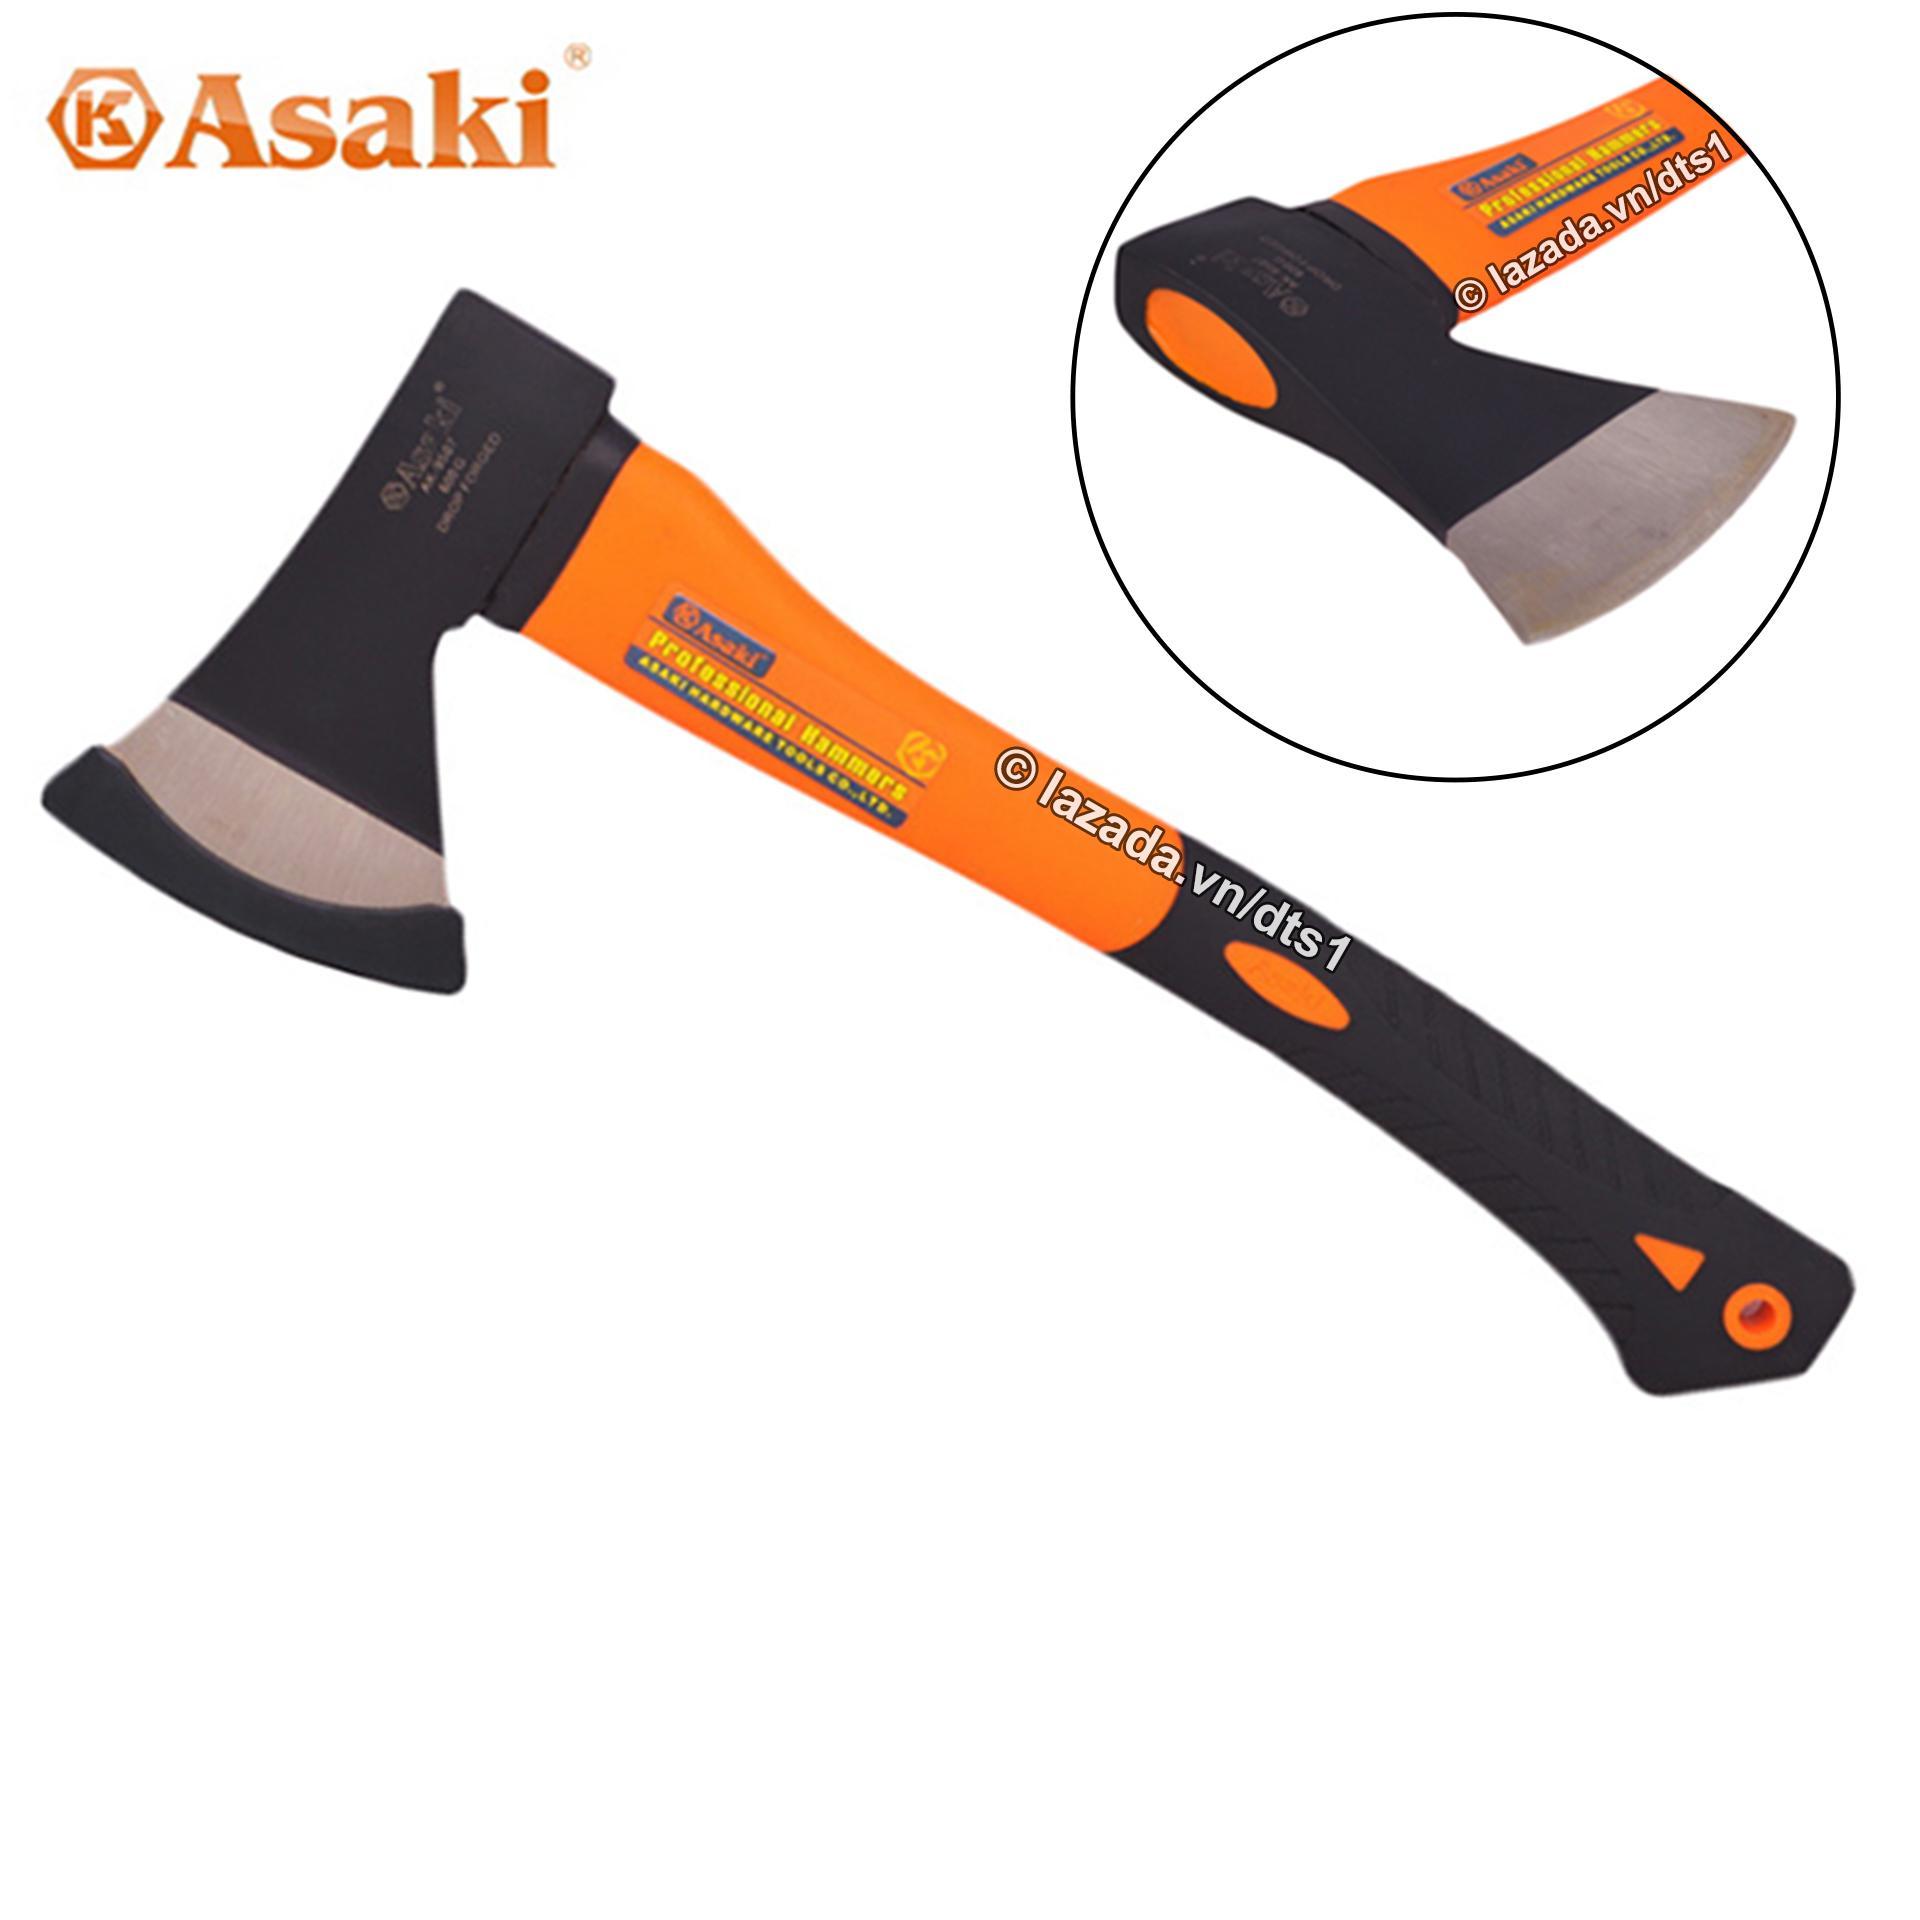 Búa Riù Asaki bổ củi, chặt cây, làm vườn, thoát hiểm, cứu hộ, dã ngoại đa năng 600G